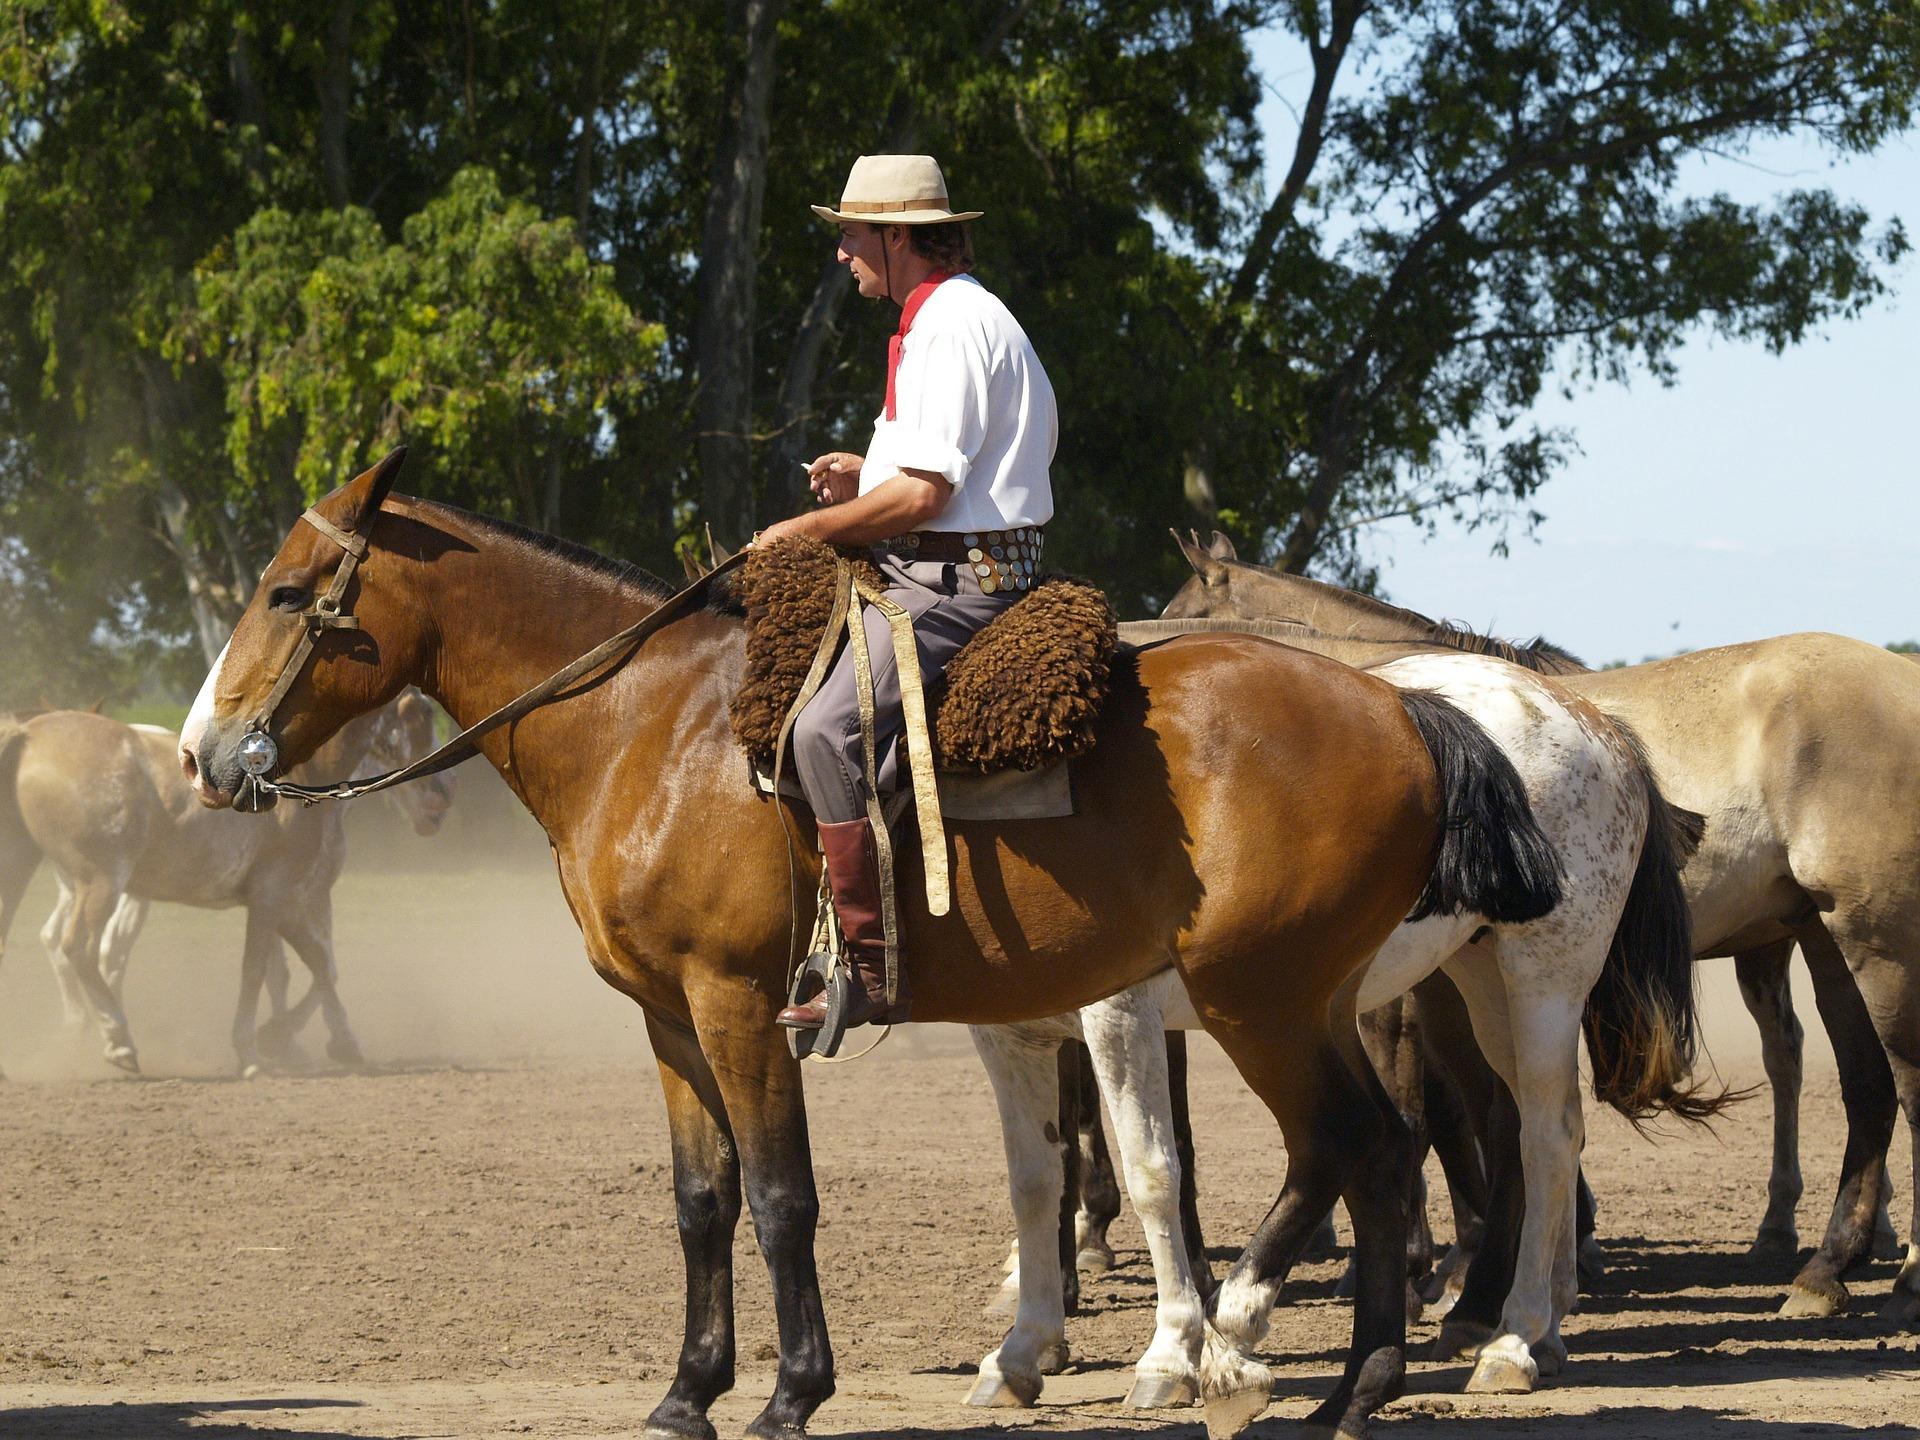 horses-52701_1920.jpg